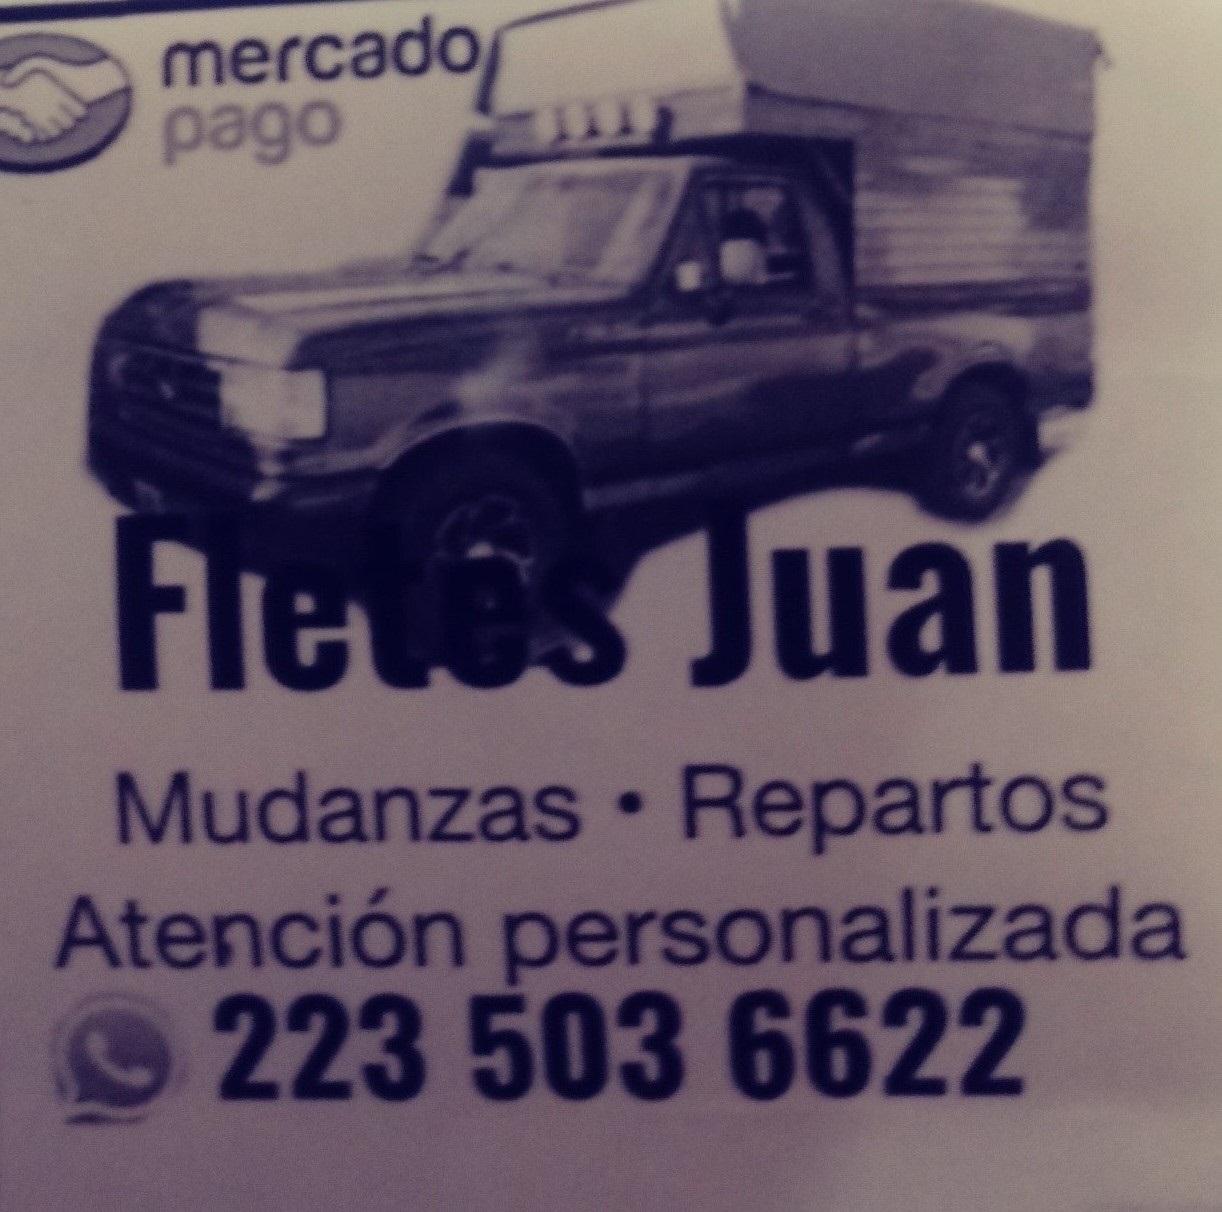 Fletes Juan